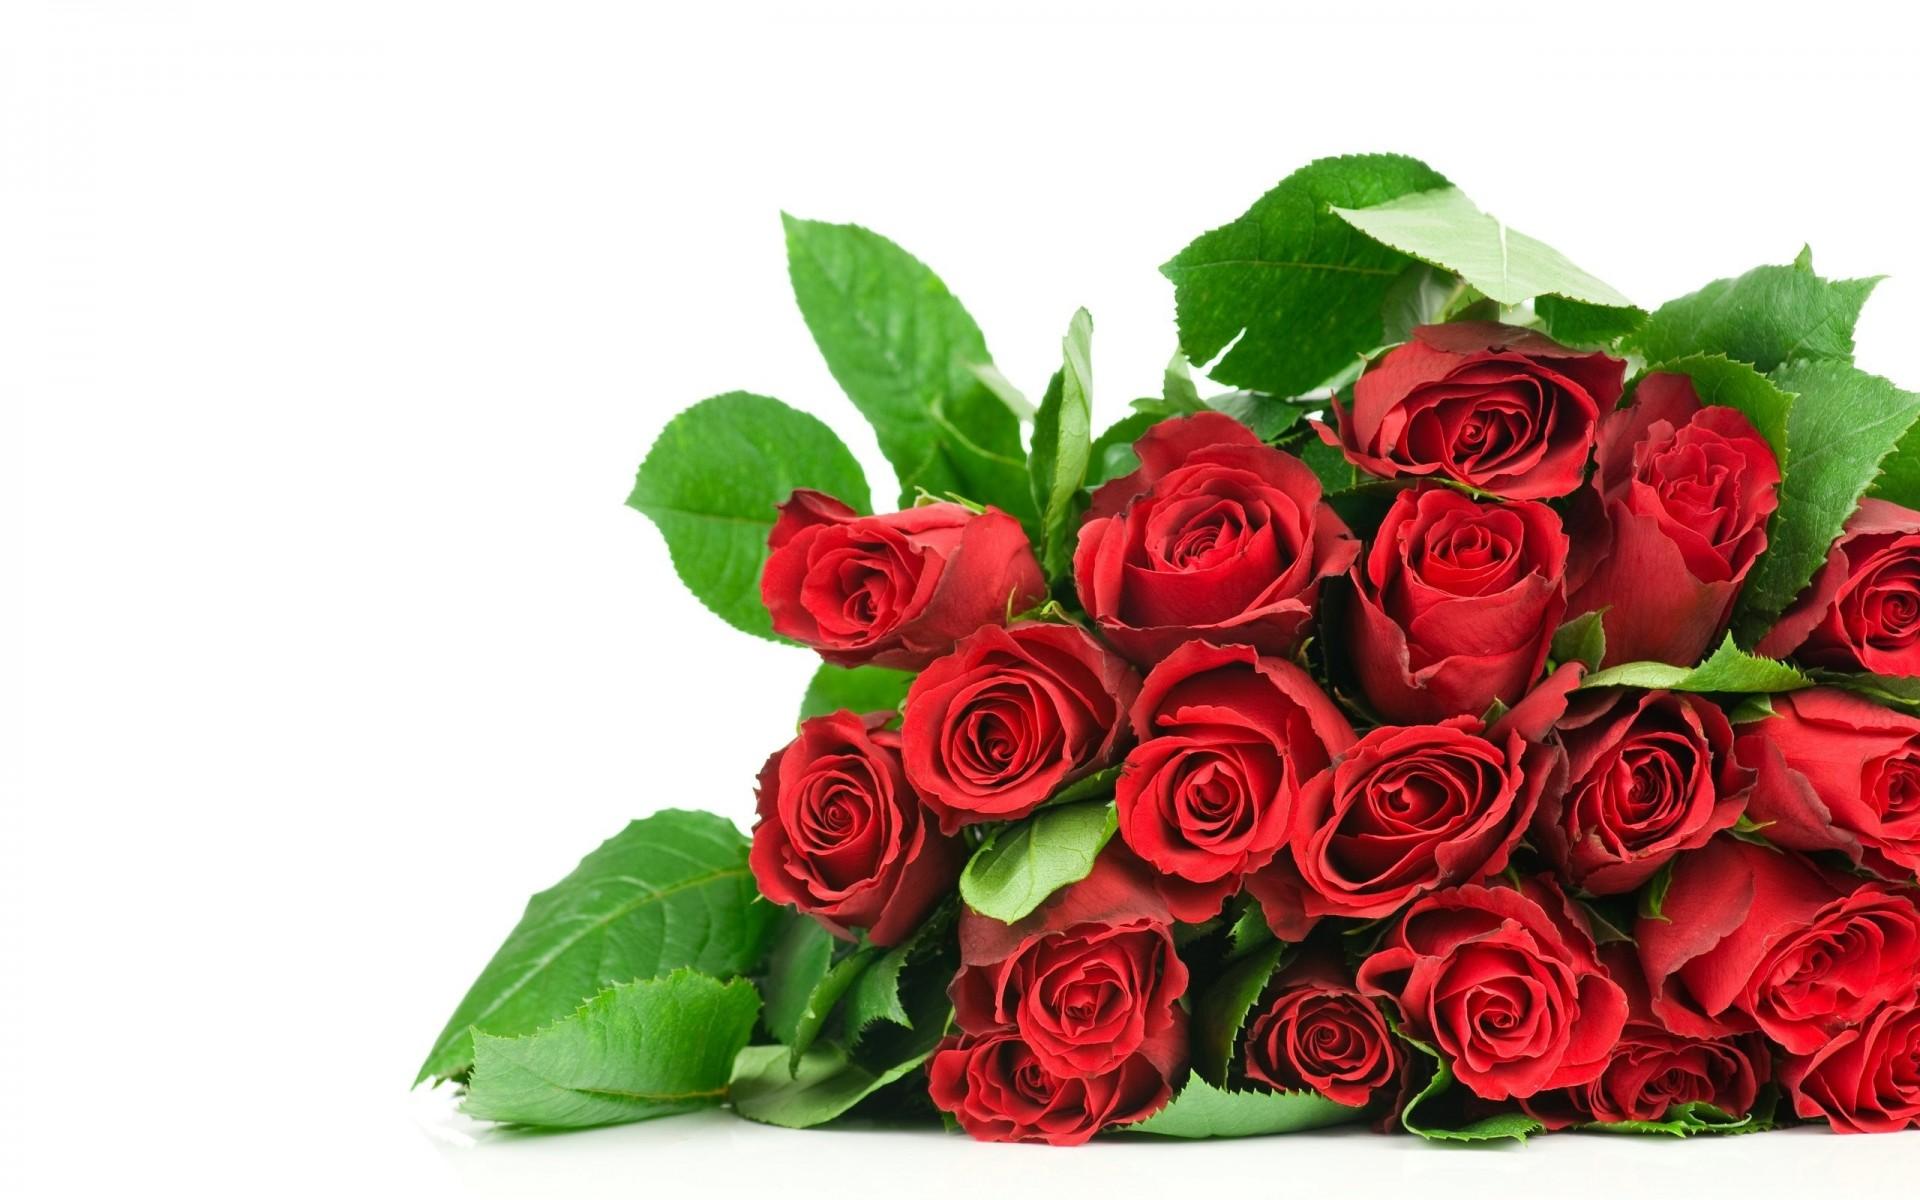 Открытку, цветы картинки к поздравлениями